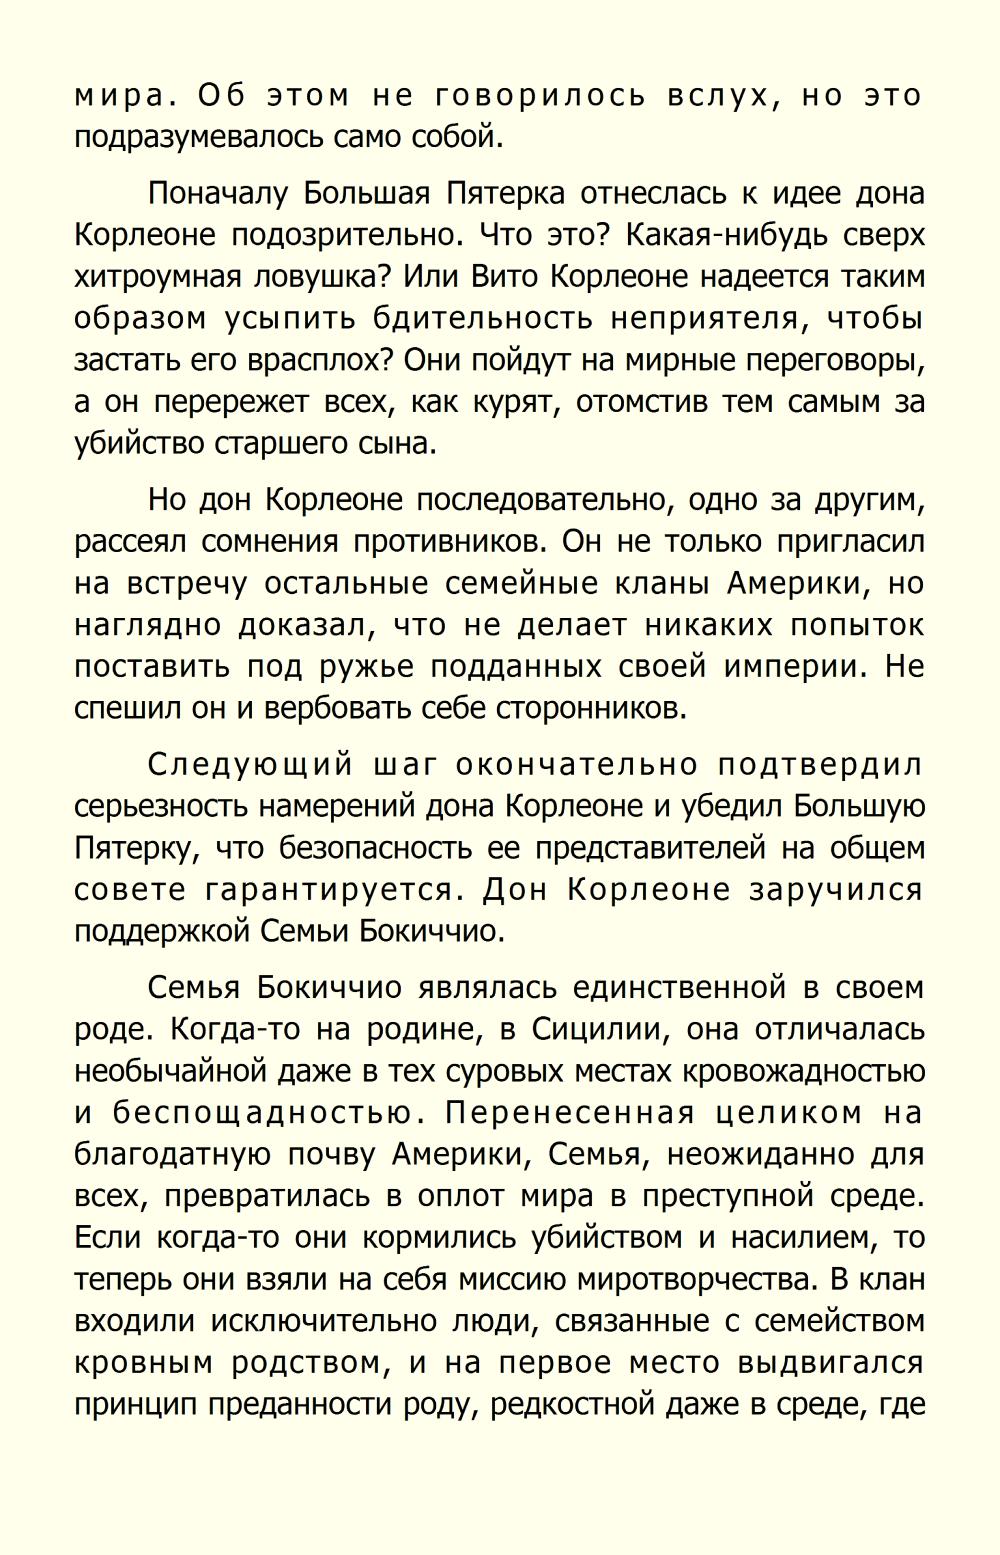 http://i2.imageban.ru/out/2013/11/26/ecf06ce979b819aba52e86438a546075.jpg